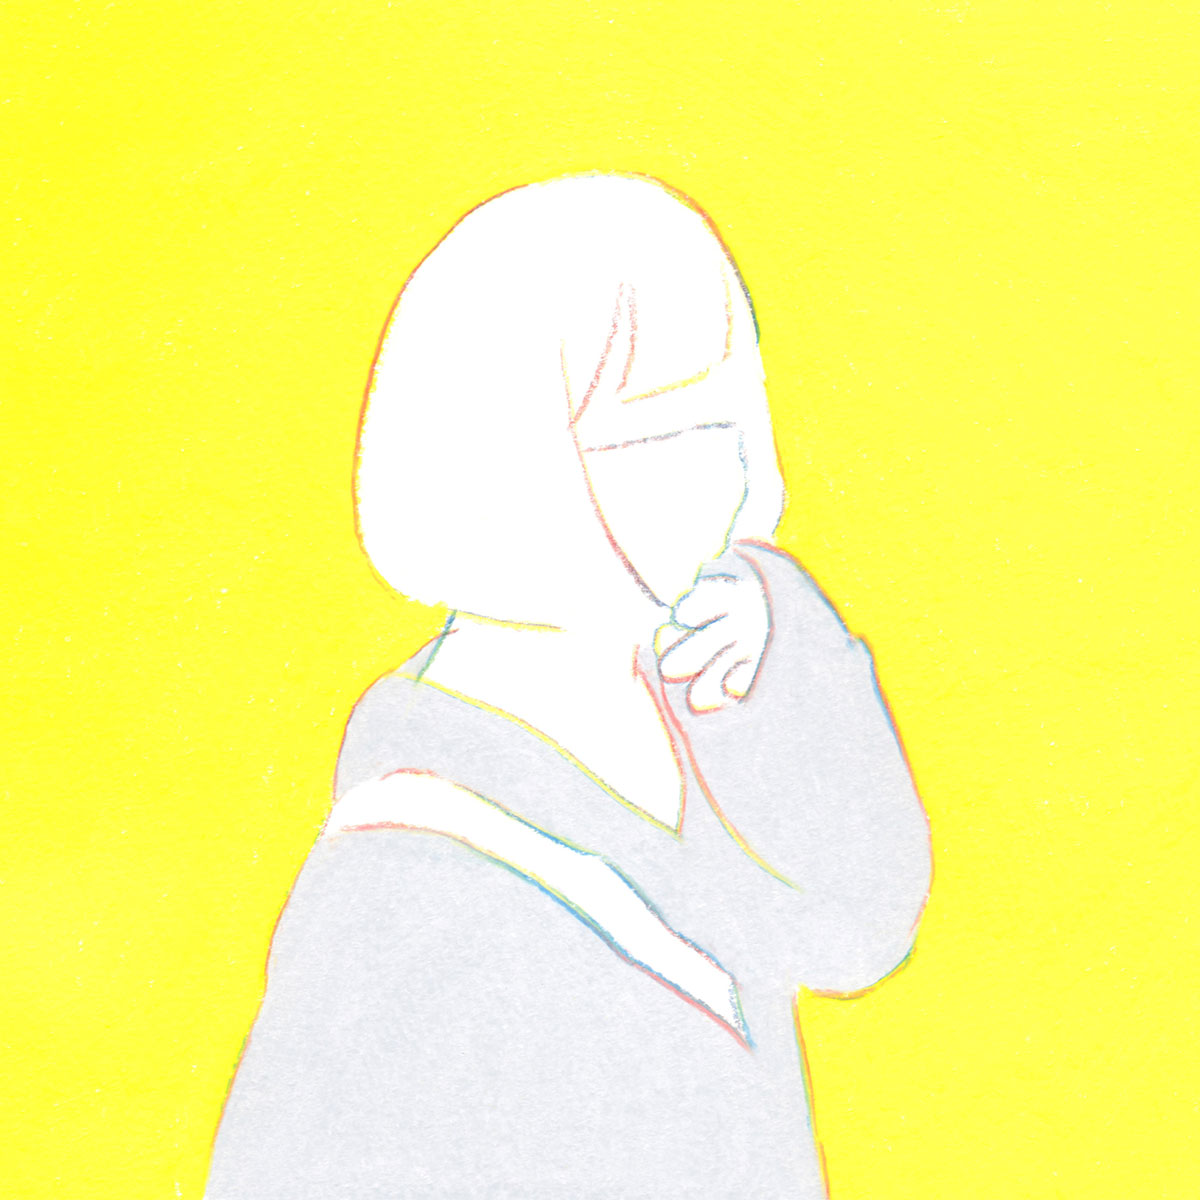 【公演延期】ラブリーサマーちゃん / wash? / セカイイチ / ayutthaya / NENGU